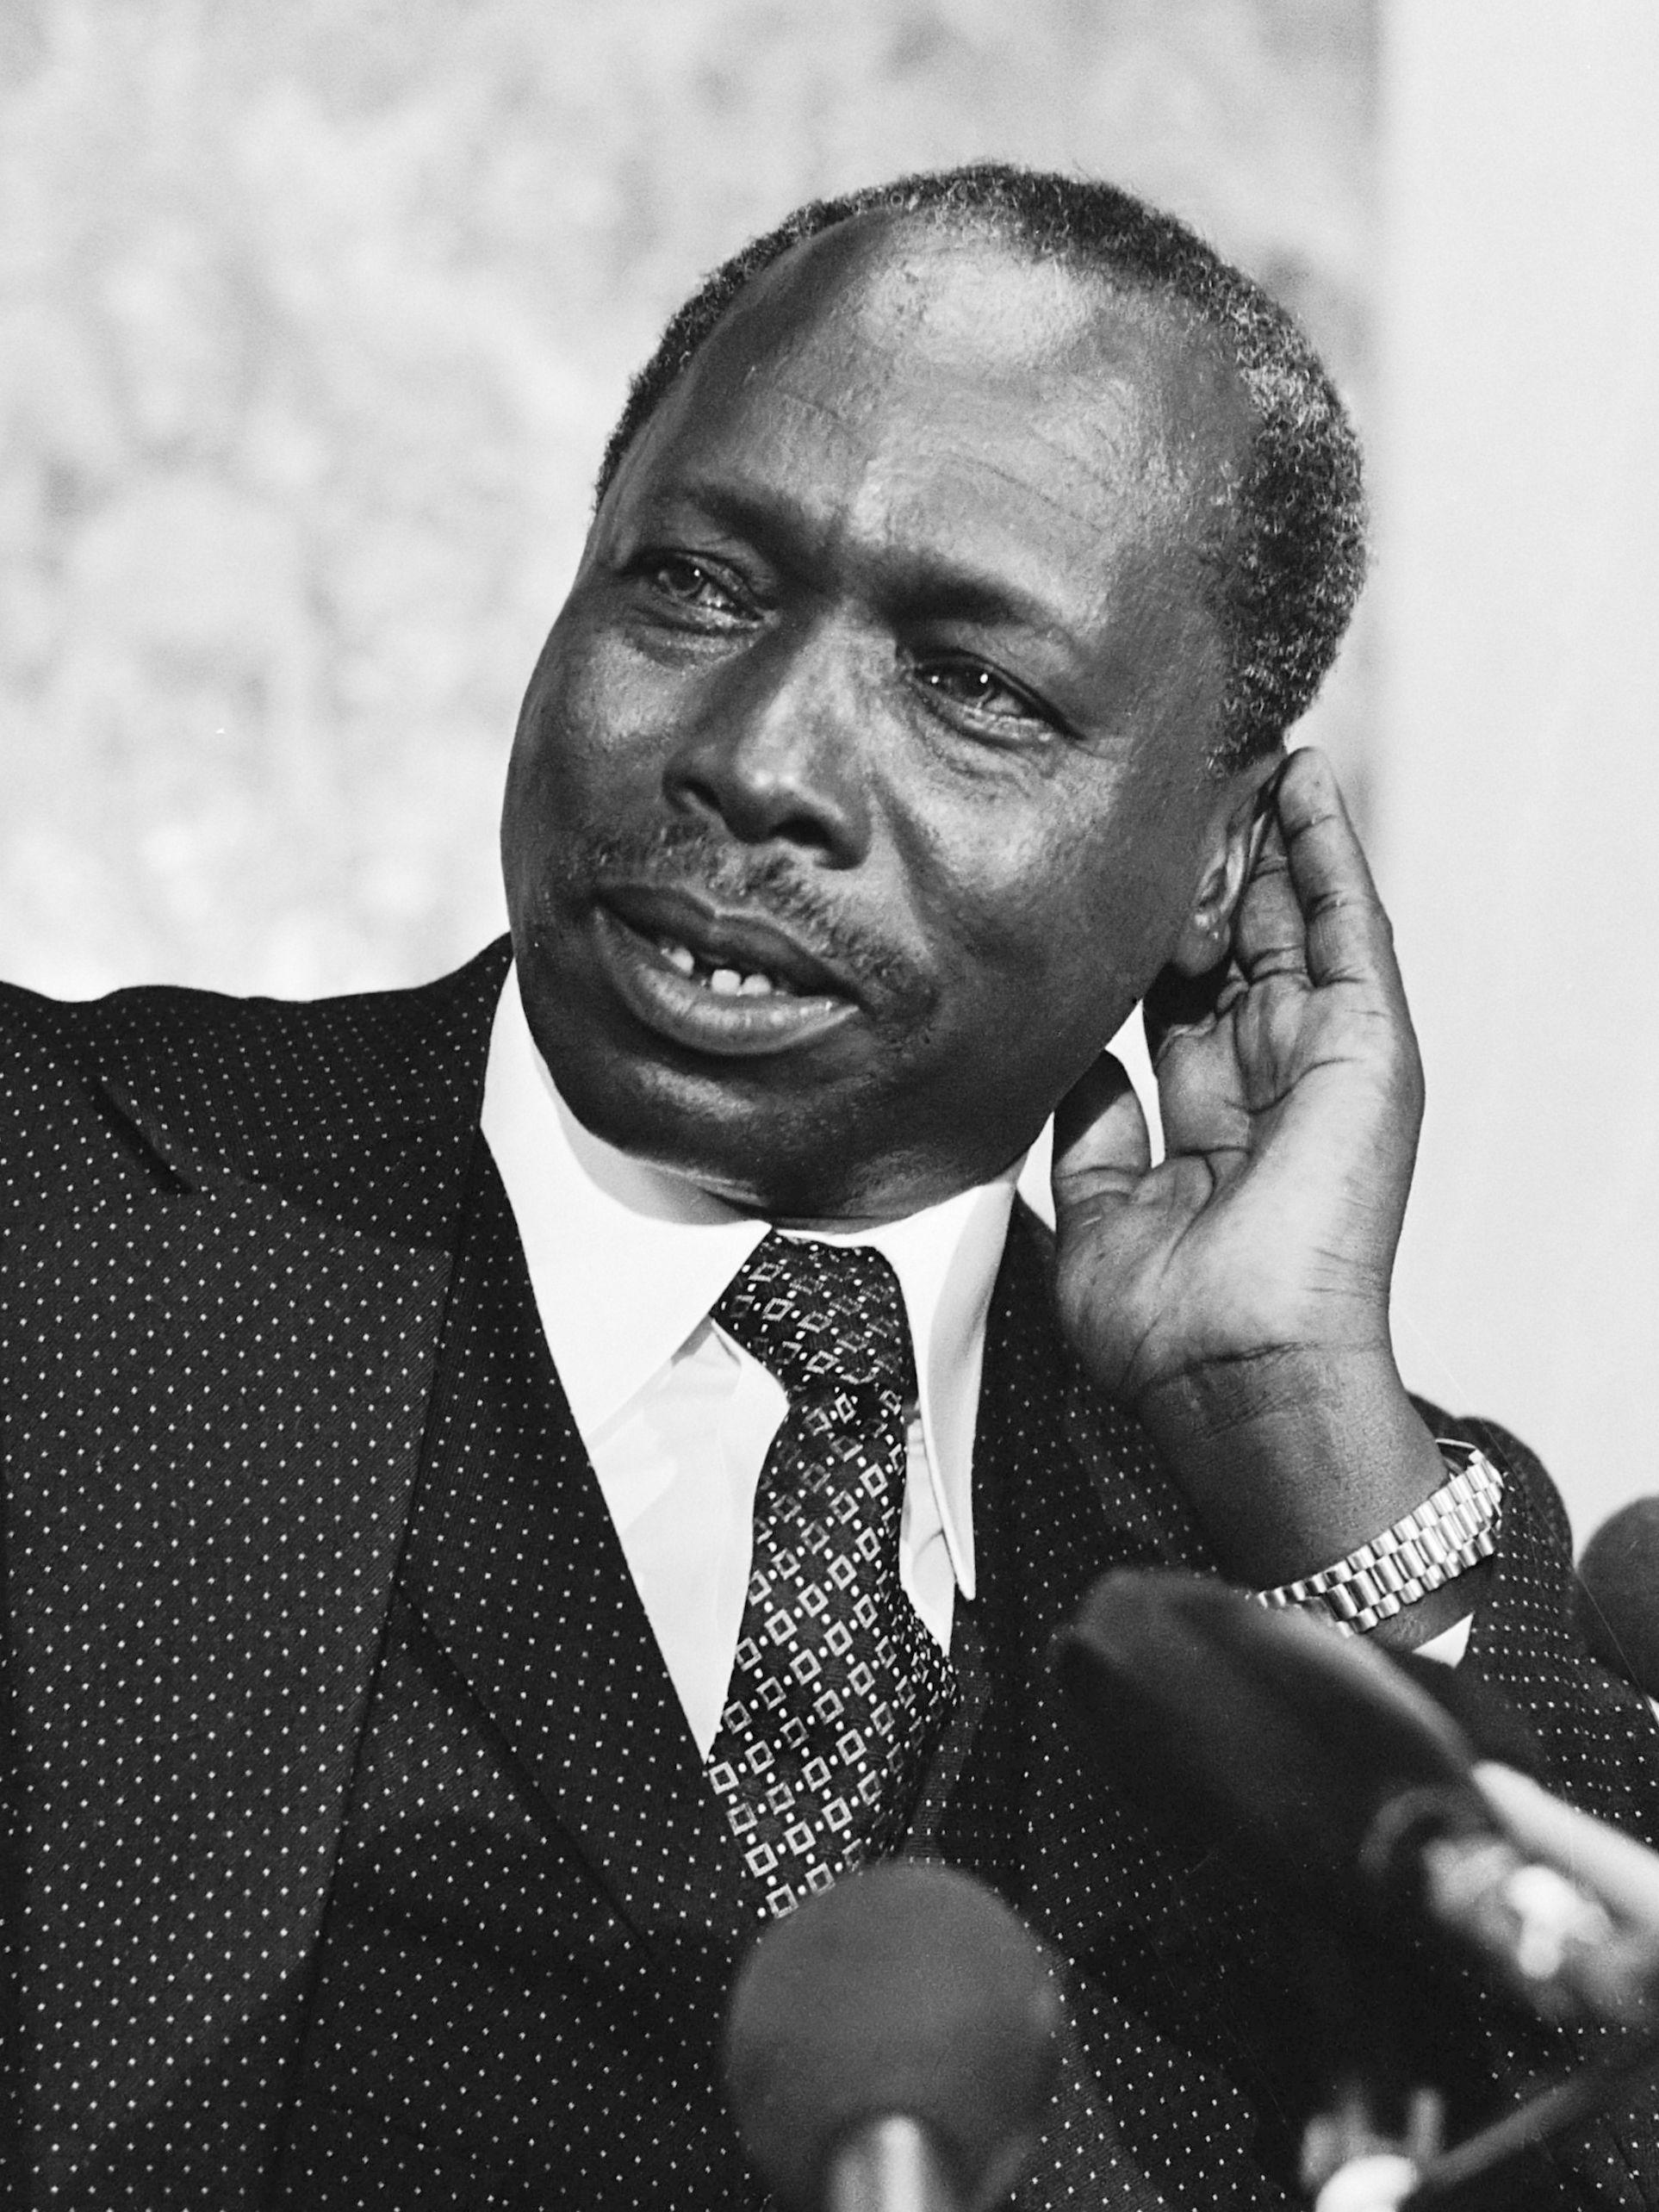 Depesze z życzeniami dla papieża płynęły z całego świata. Również od prezydenta Kenii, od Daniela Arap Moi.